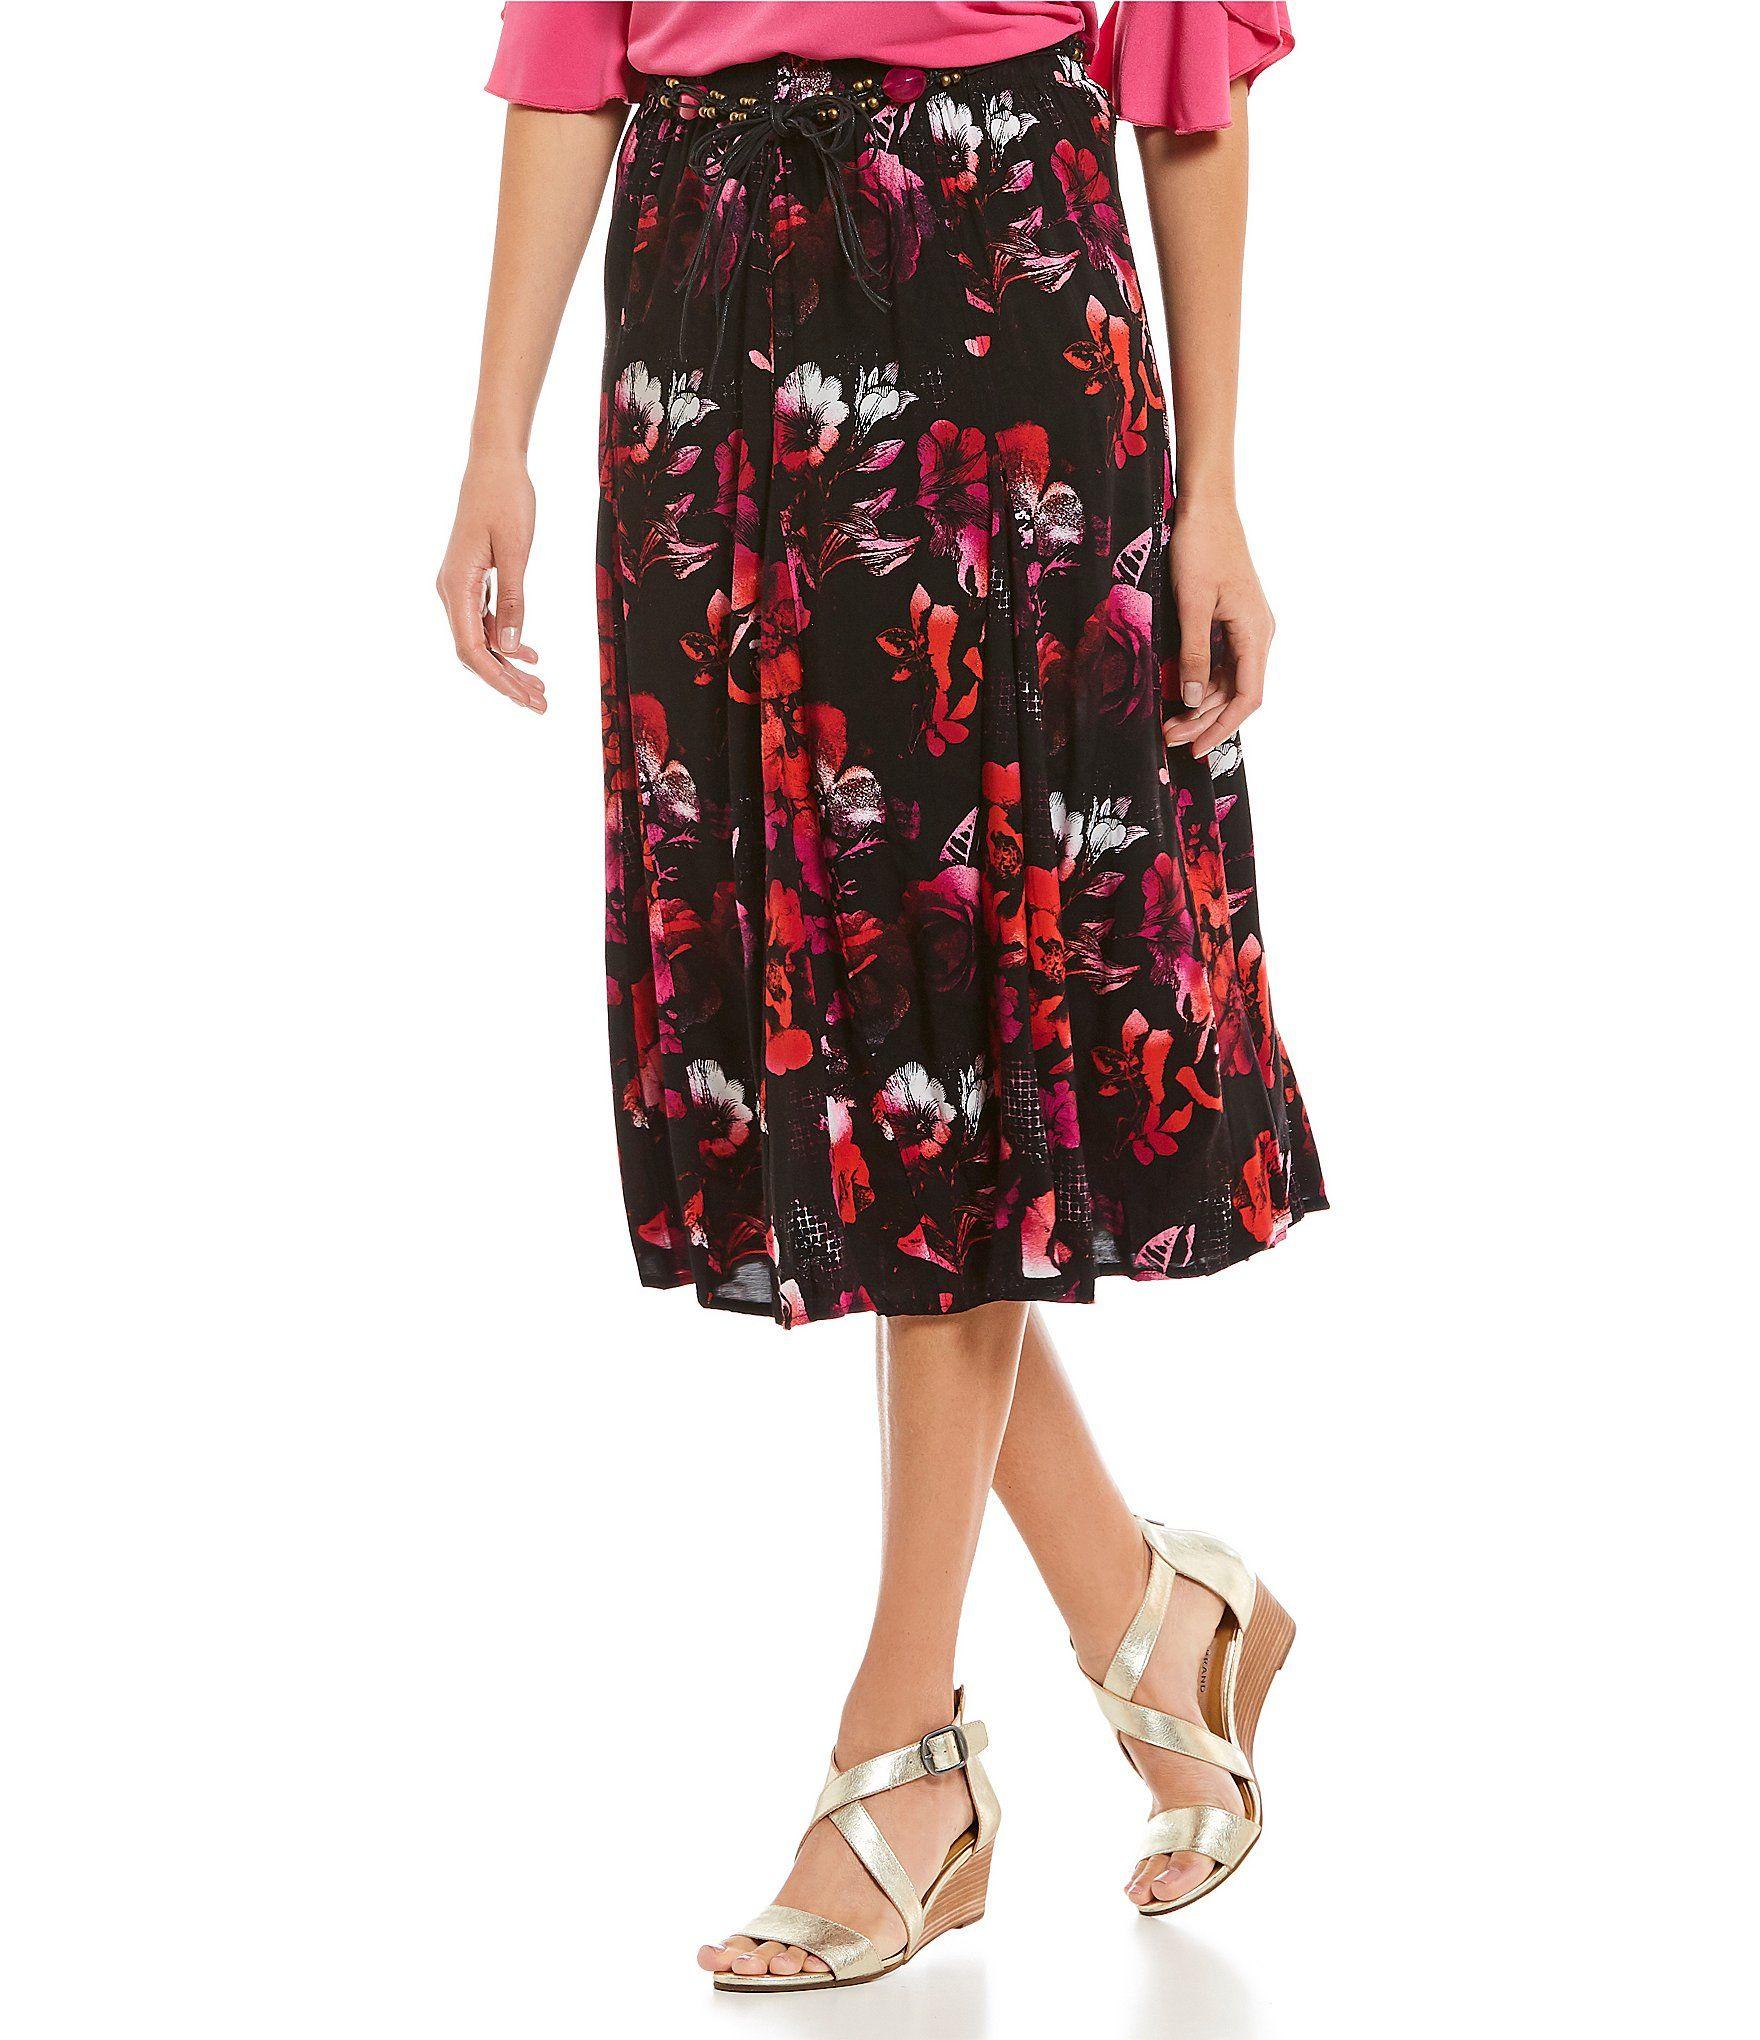 4de9e1f26ef Dillards Petite Maxi Skirts - Gomes Weine AG